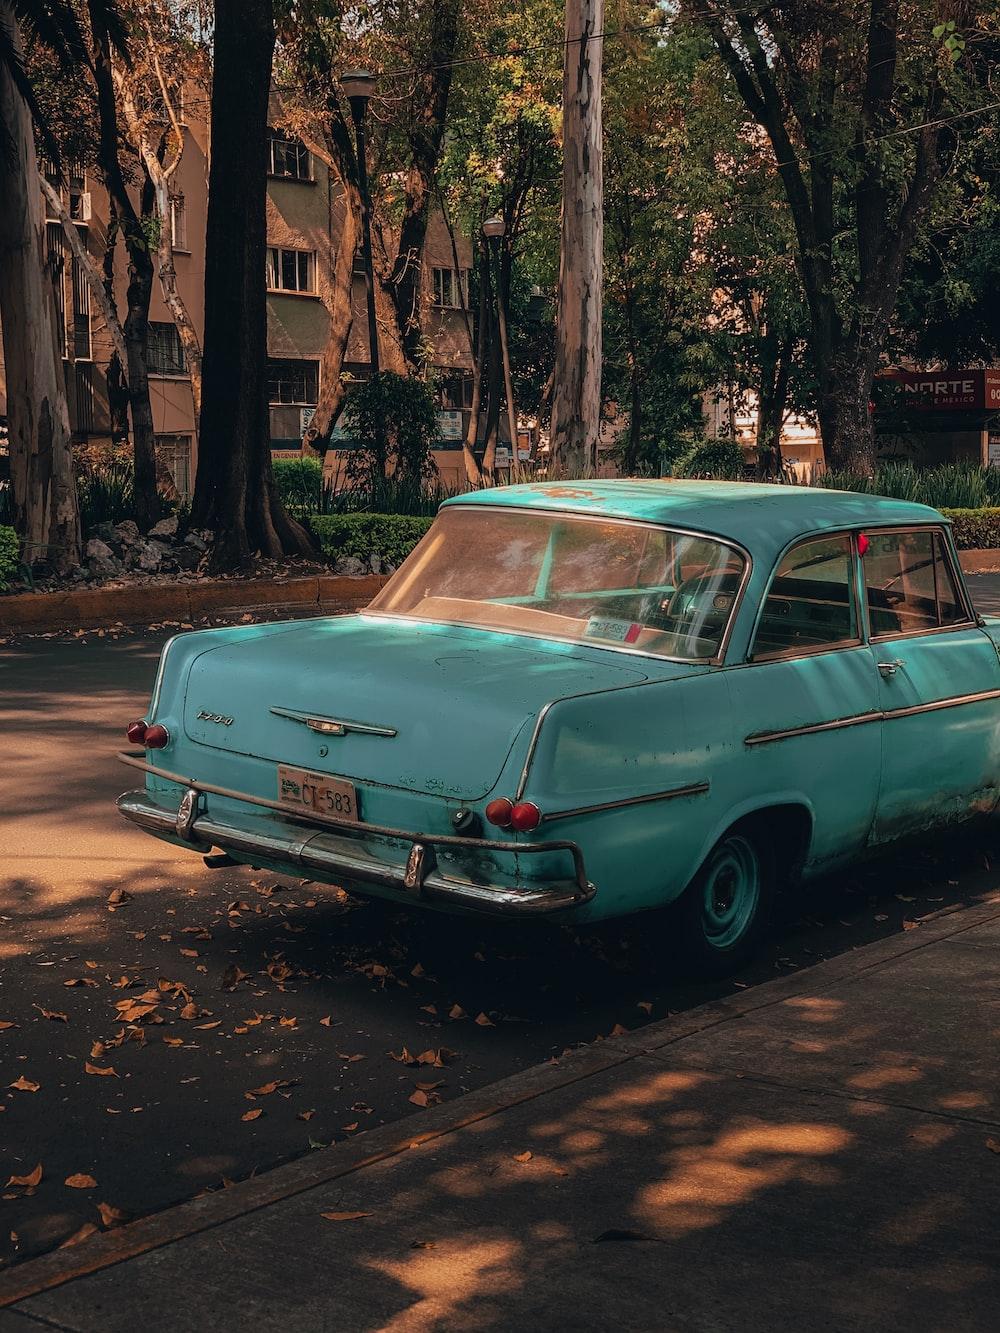 parked teal sedan beside curb